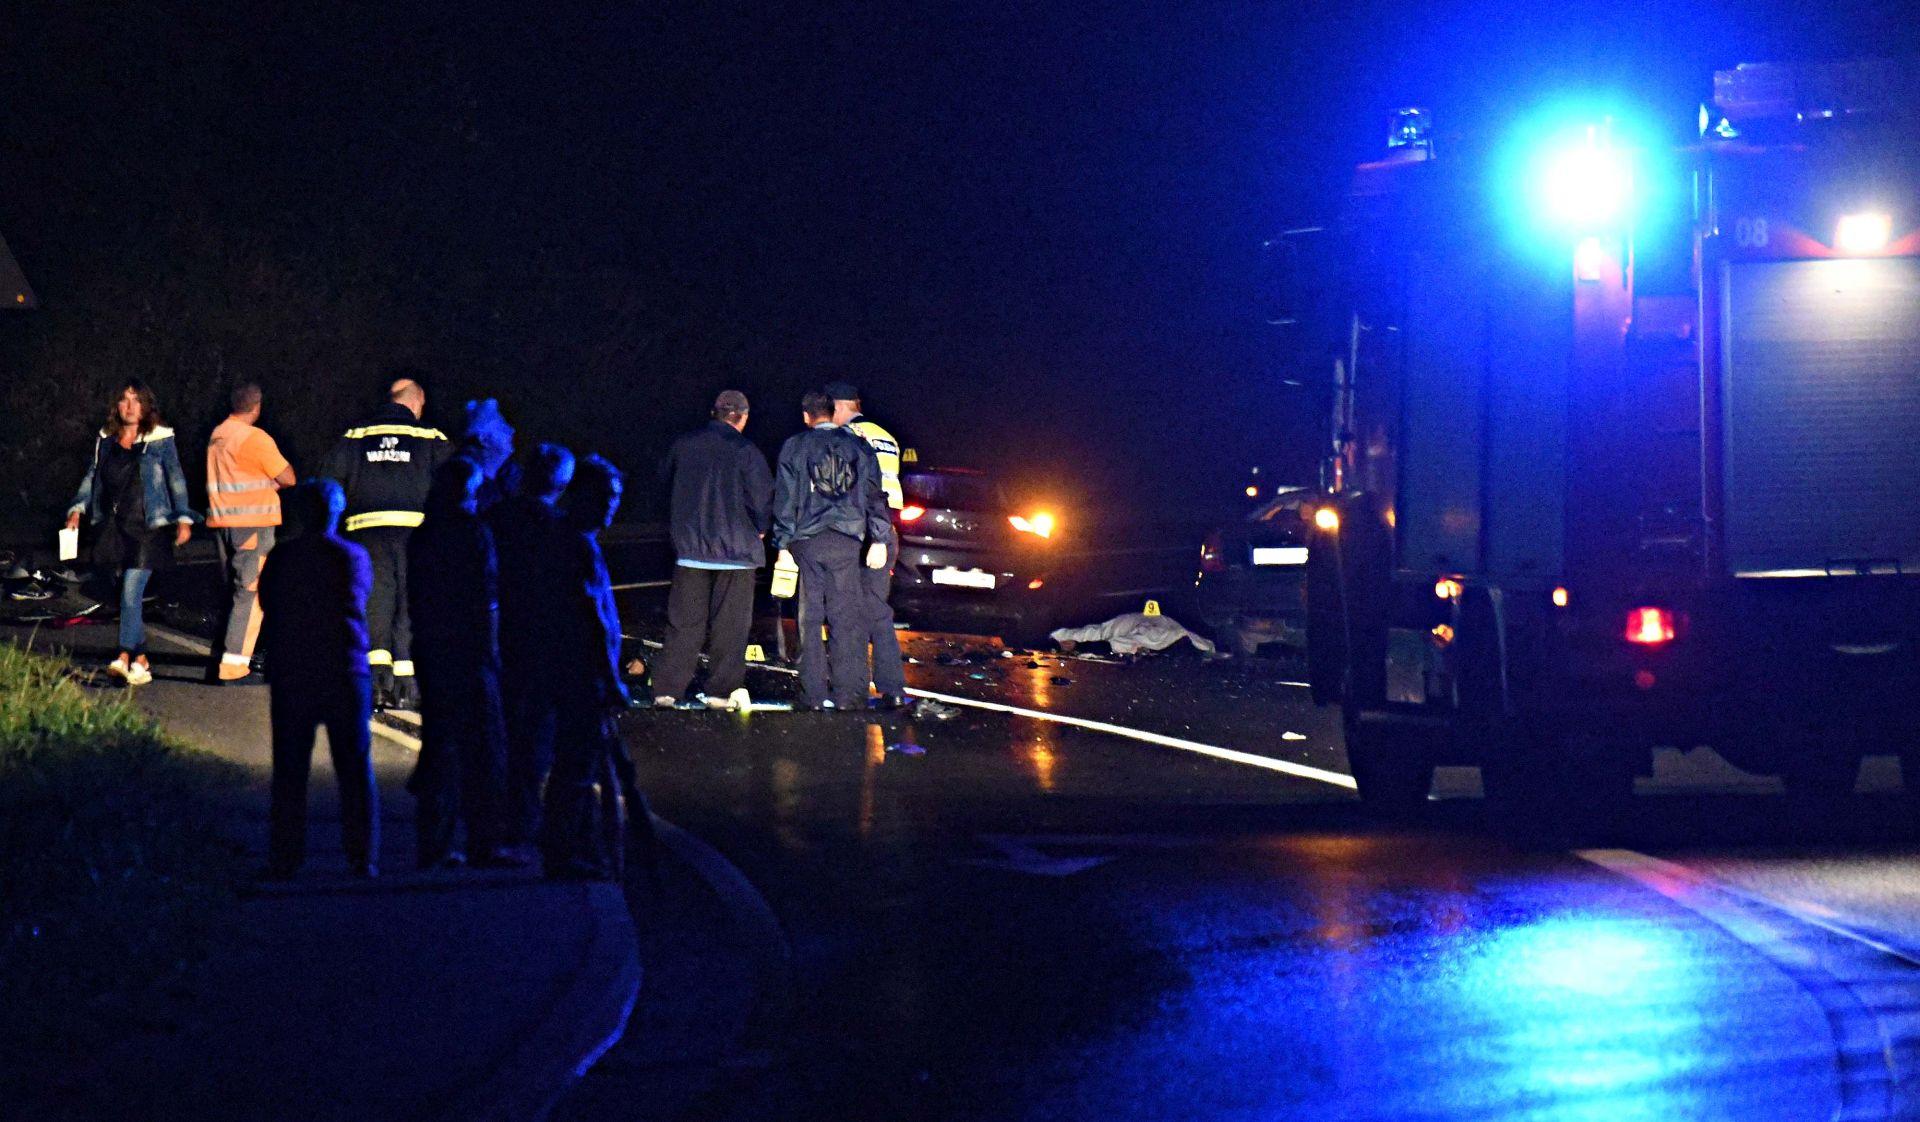 TEŠKA PROMETNA NESREĆA KOD VARAŽDINA Sudar dva automobila i dva motocikla, troje poginulih